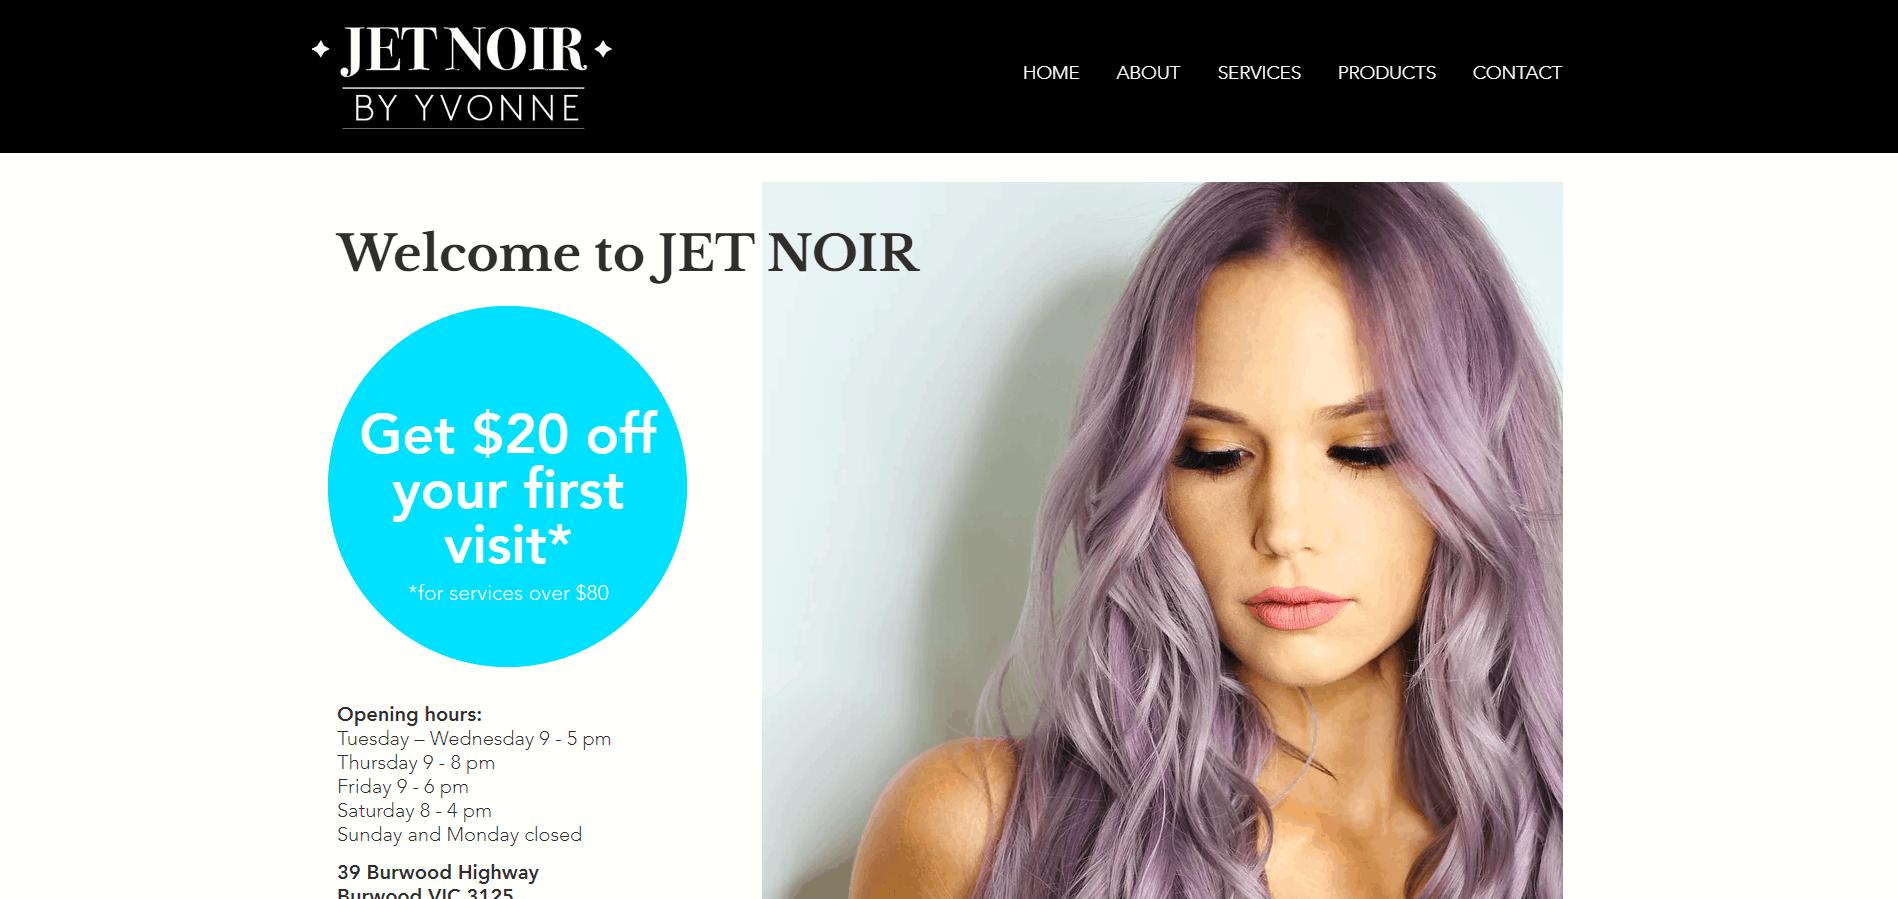 Jet Noir By Yvonne